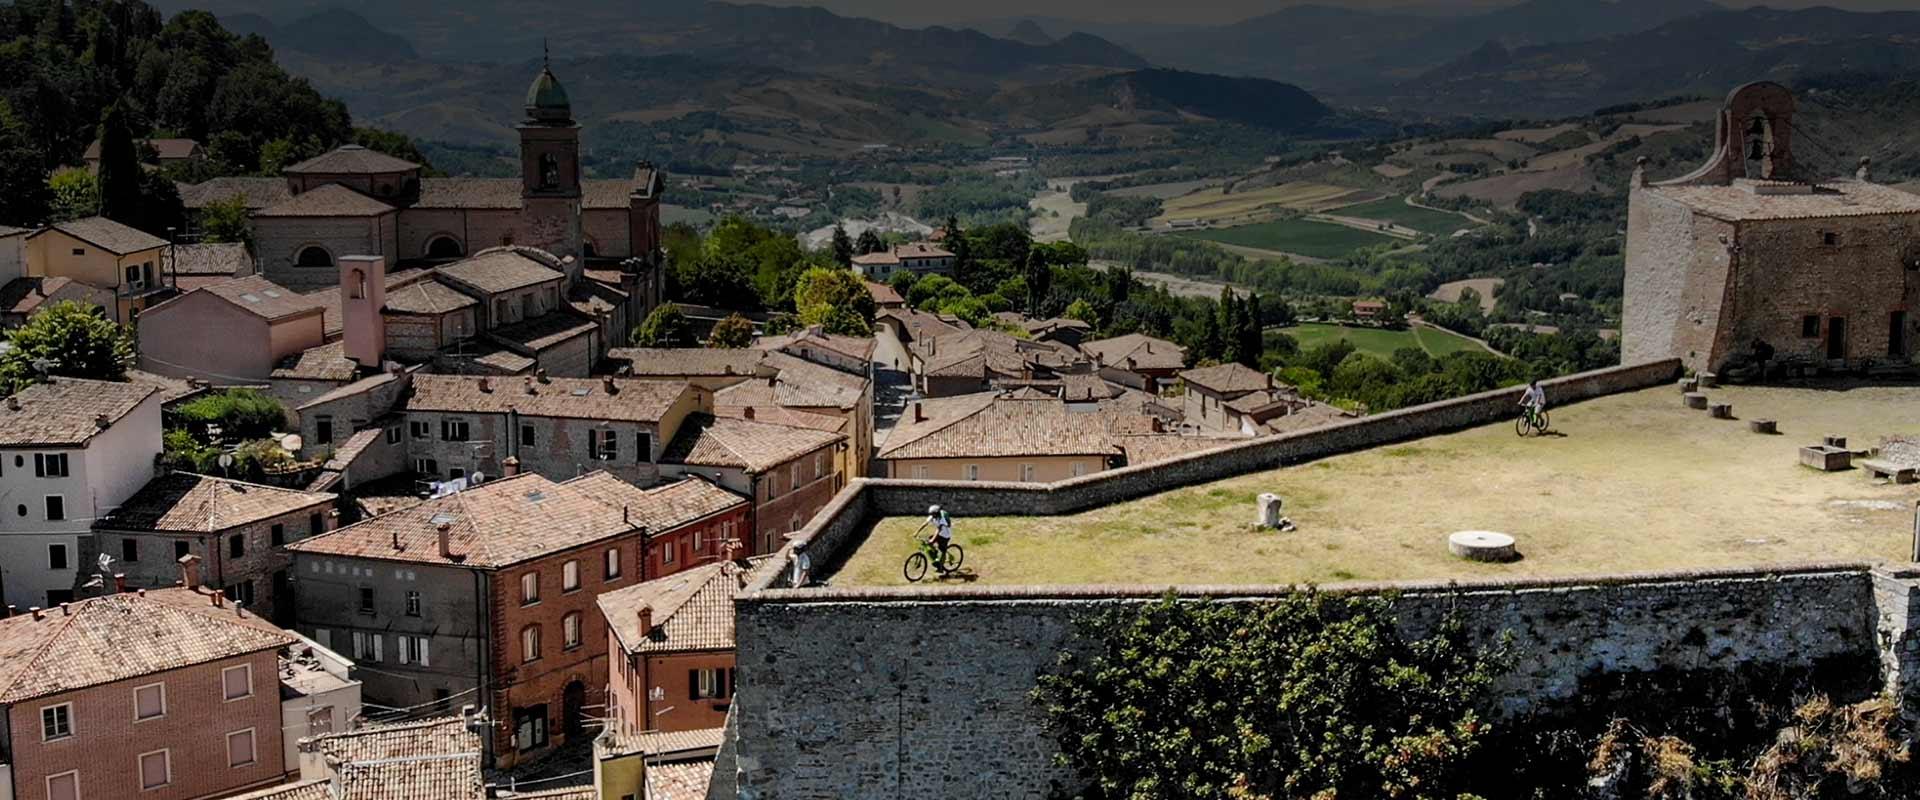 Valmarecchia e Verucchio: da 0 a 300 in mezza giornata